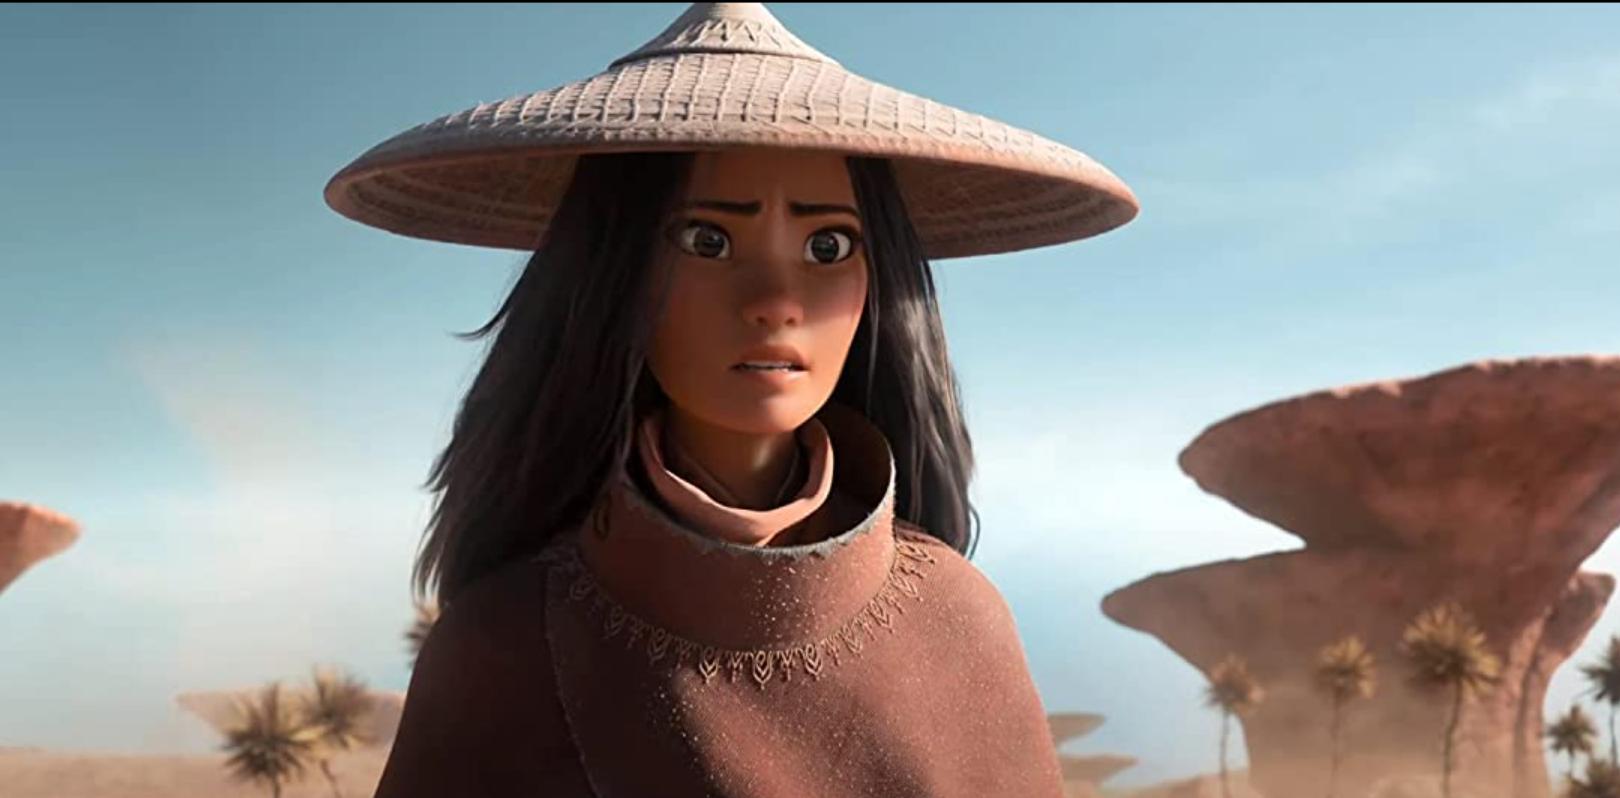 Вийшов тизер нового мультфільму від Disney — Рая та останній дракон